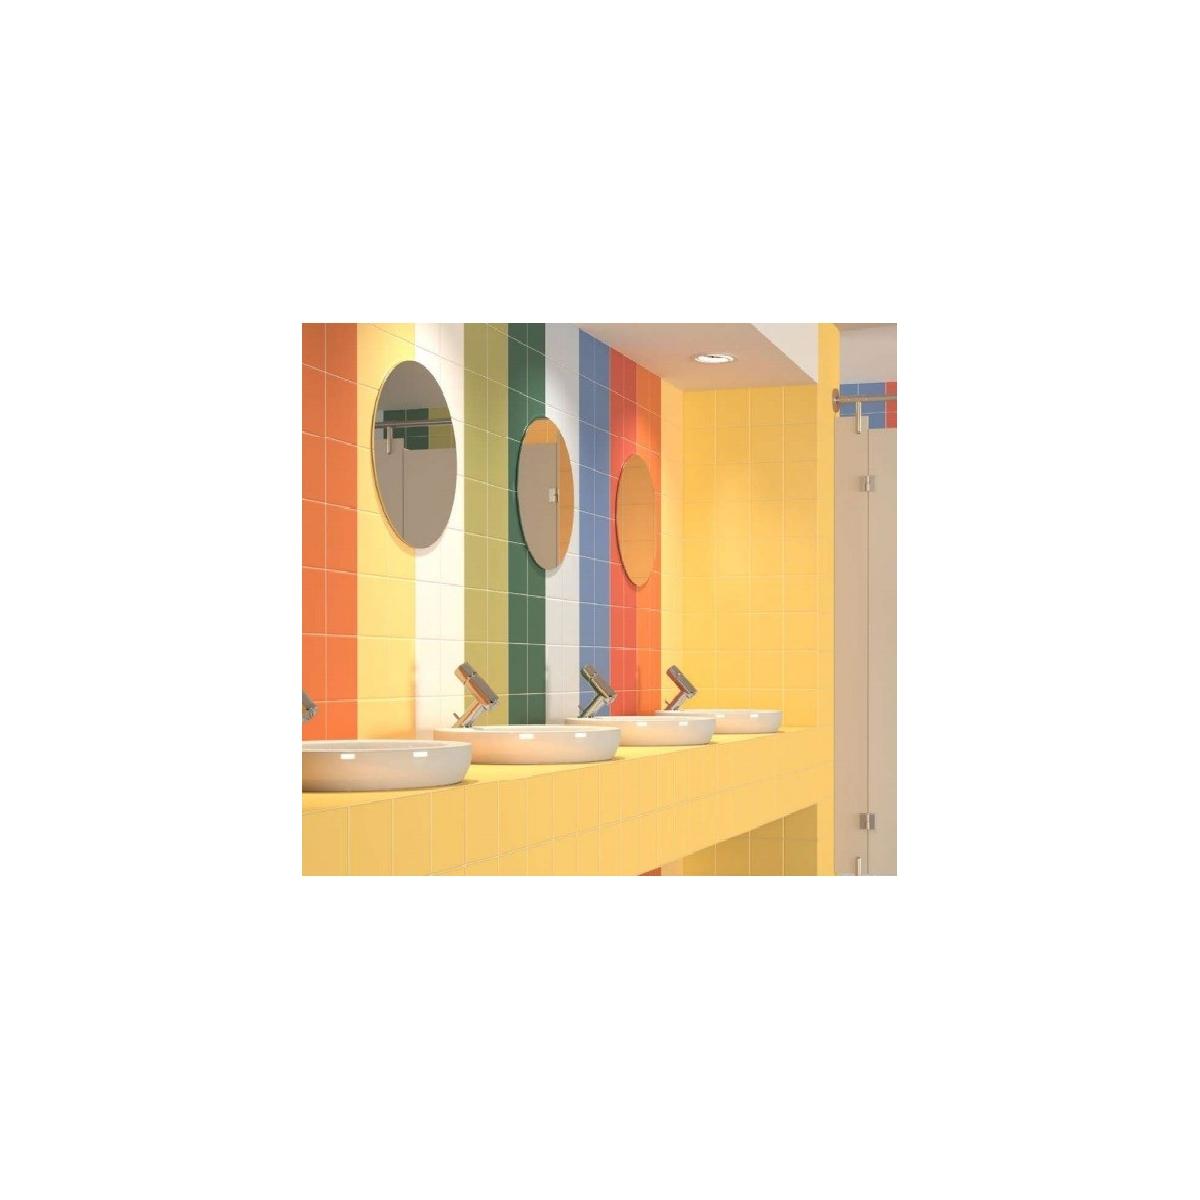 Pissano Rainbow Celeste 15x15 (m2)